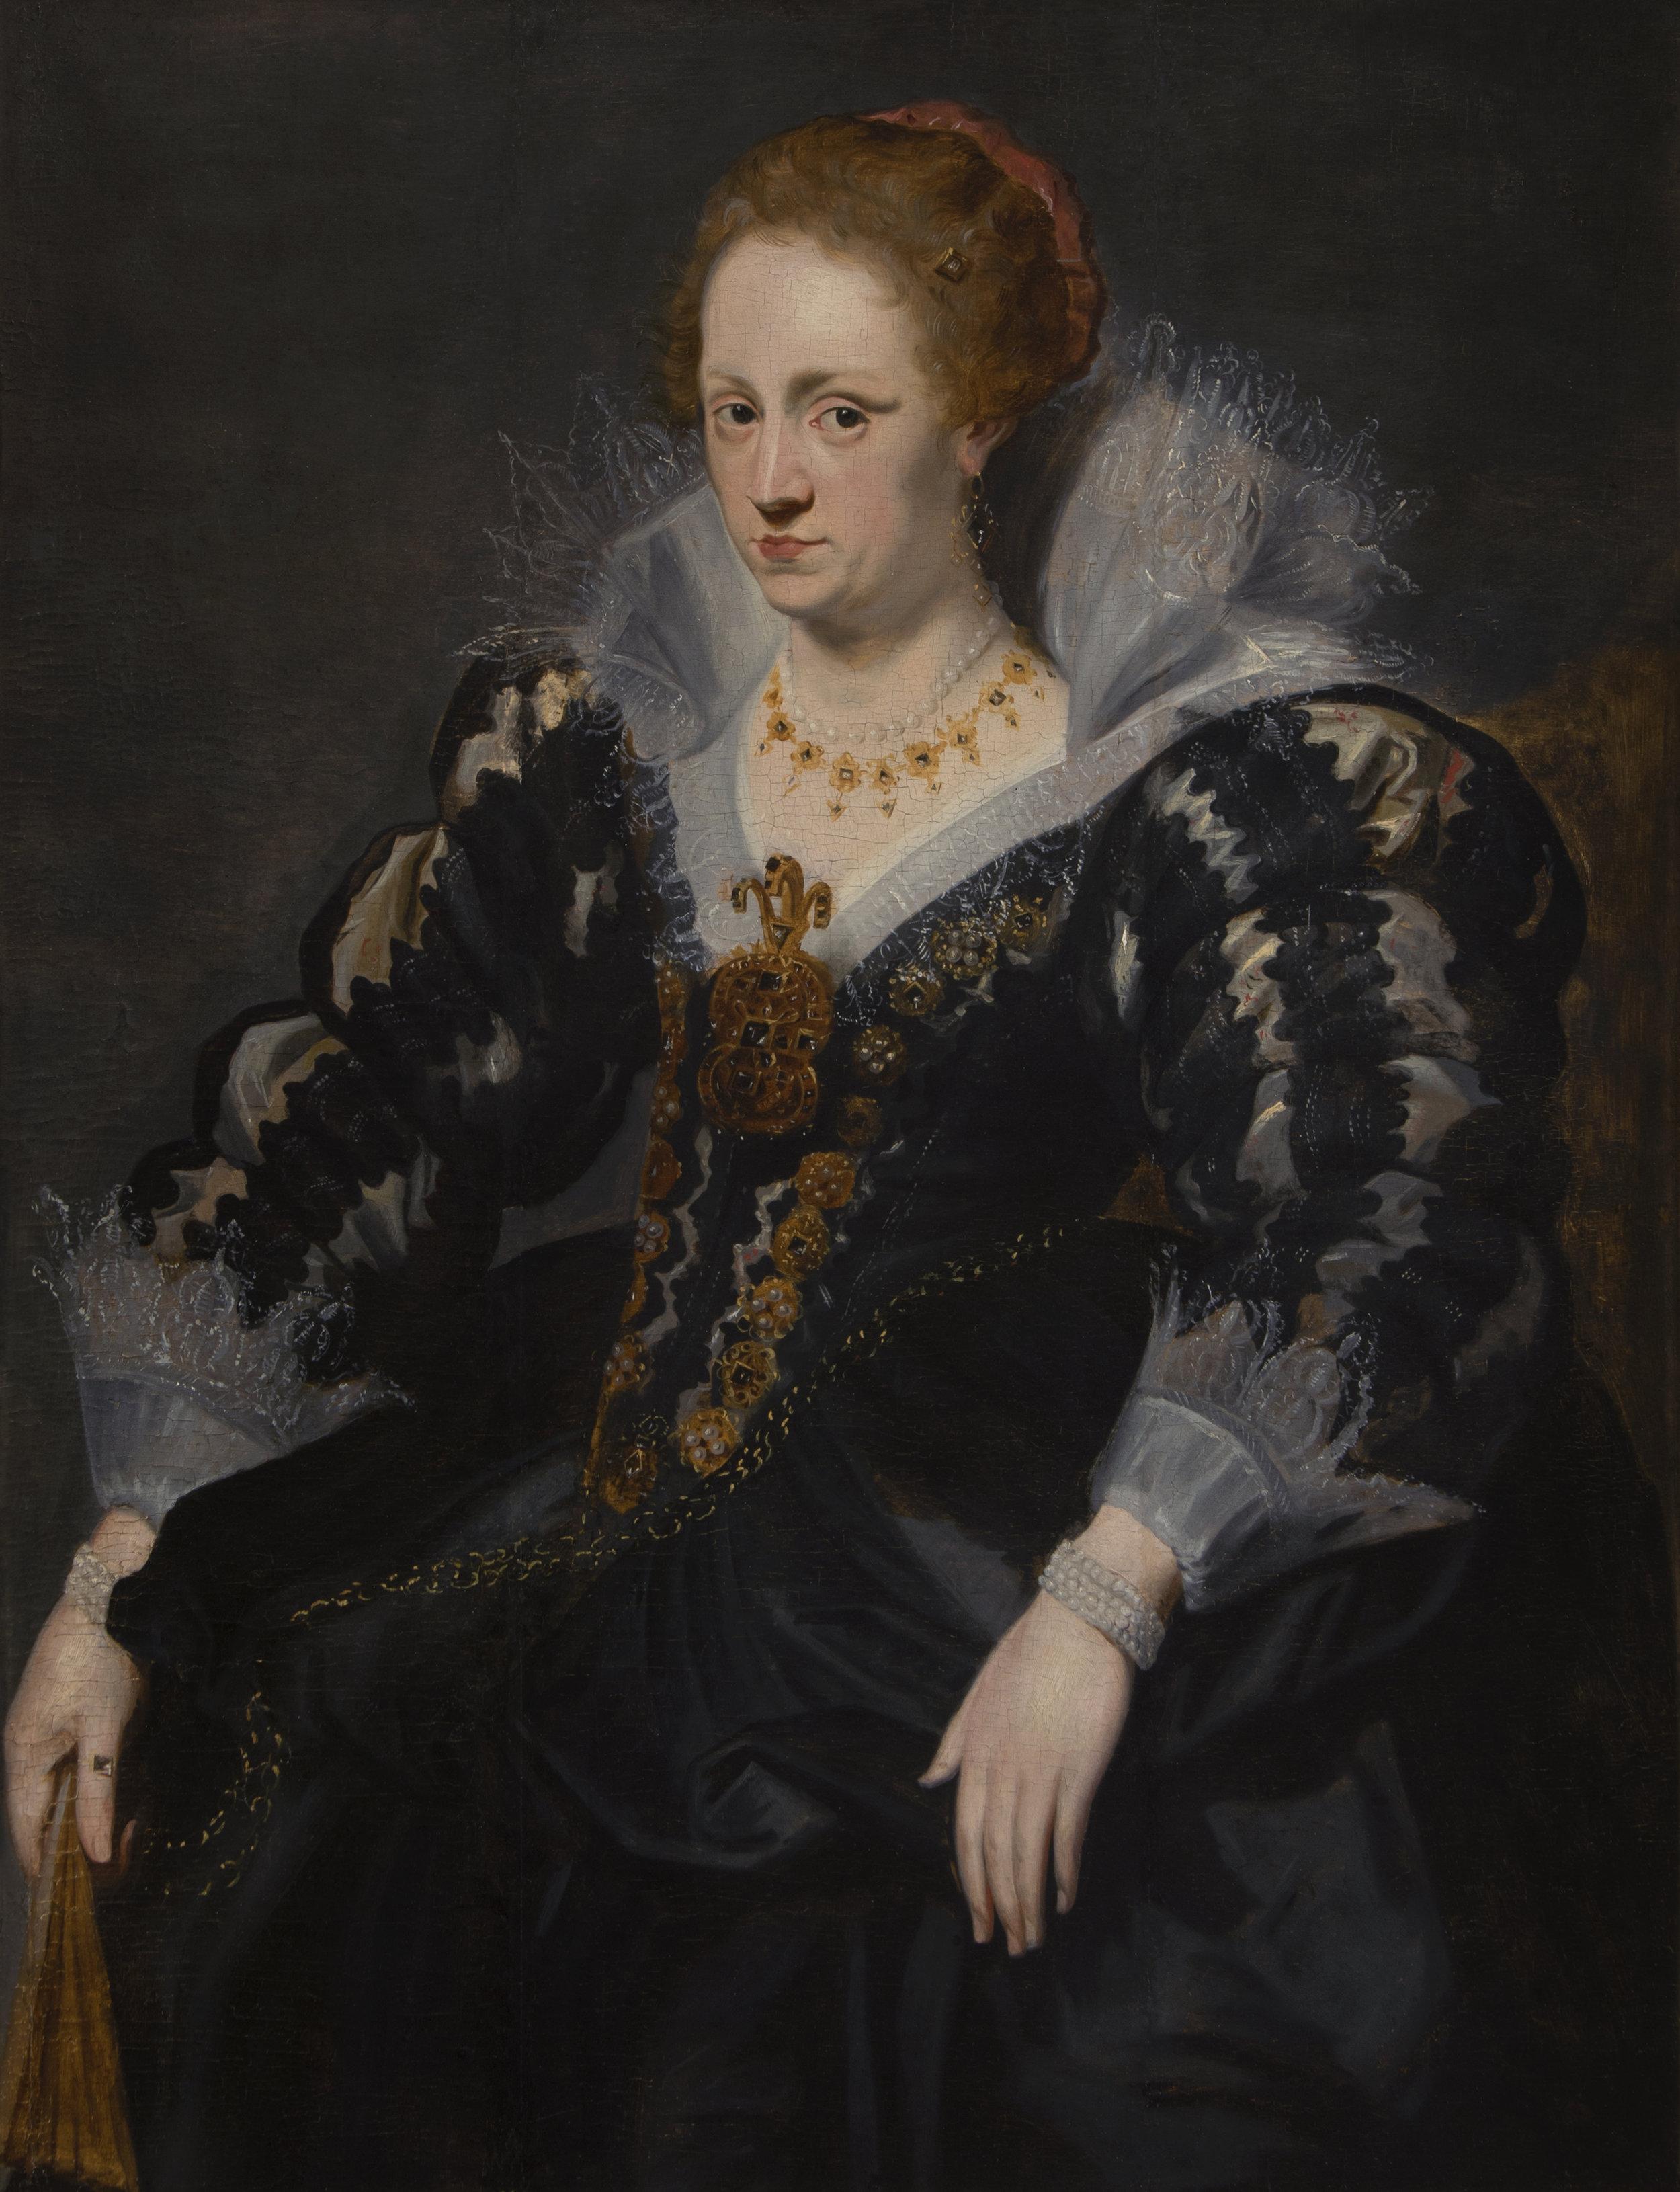 Van_Dyck_Portrait_of_a_Lady_II.jpg